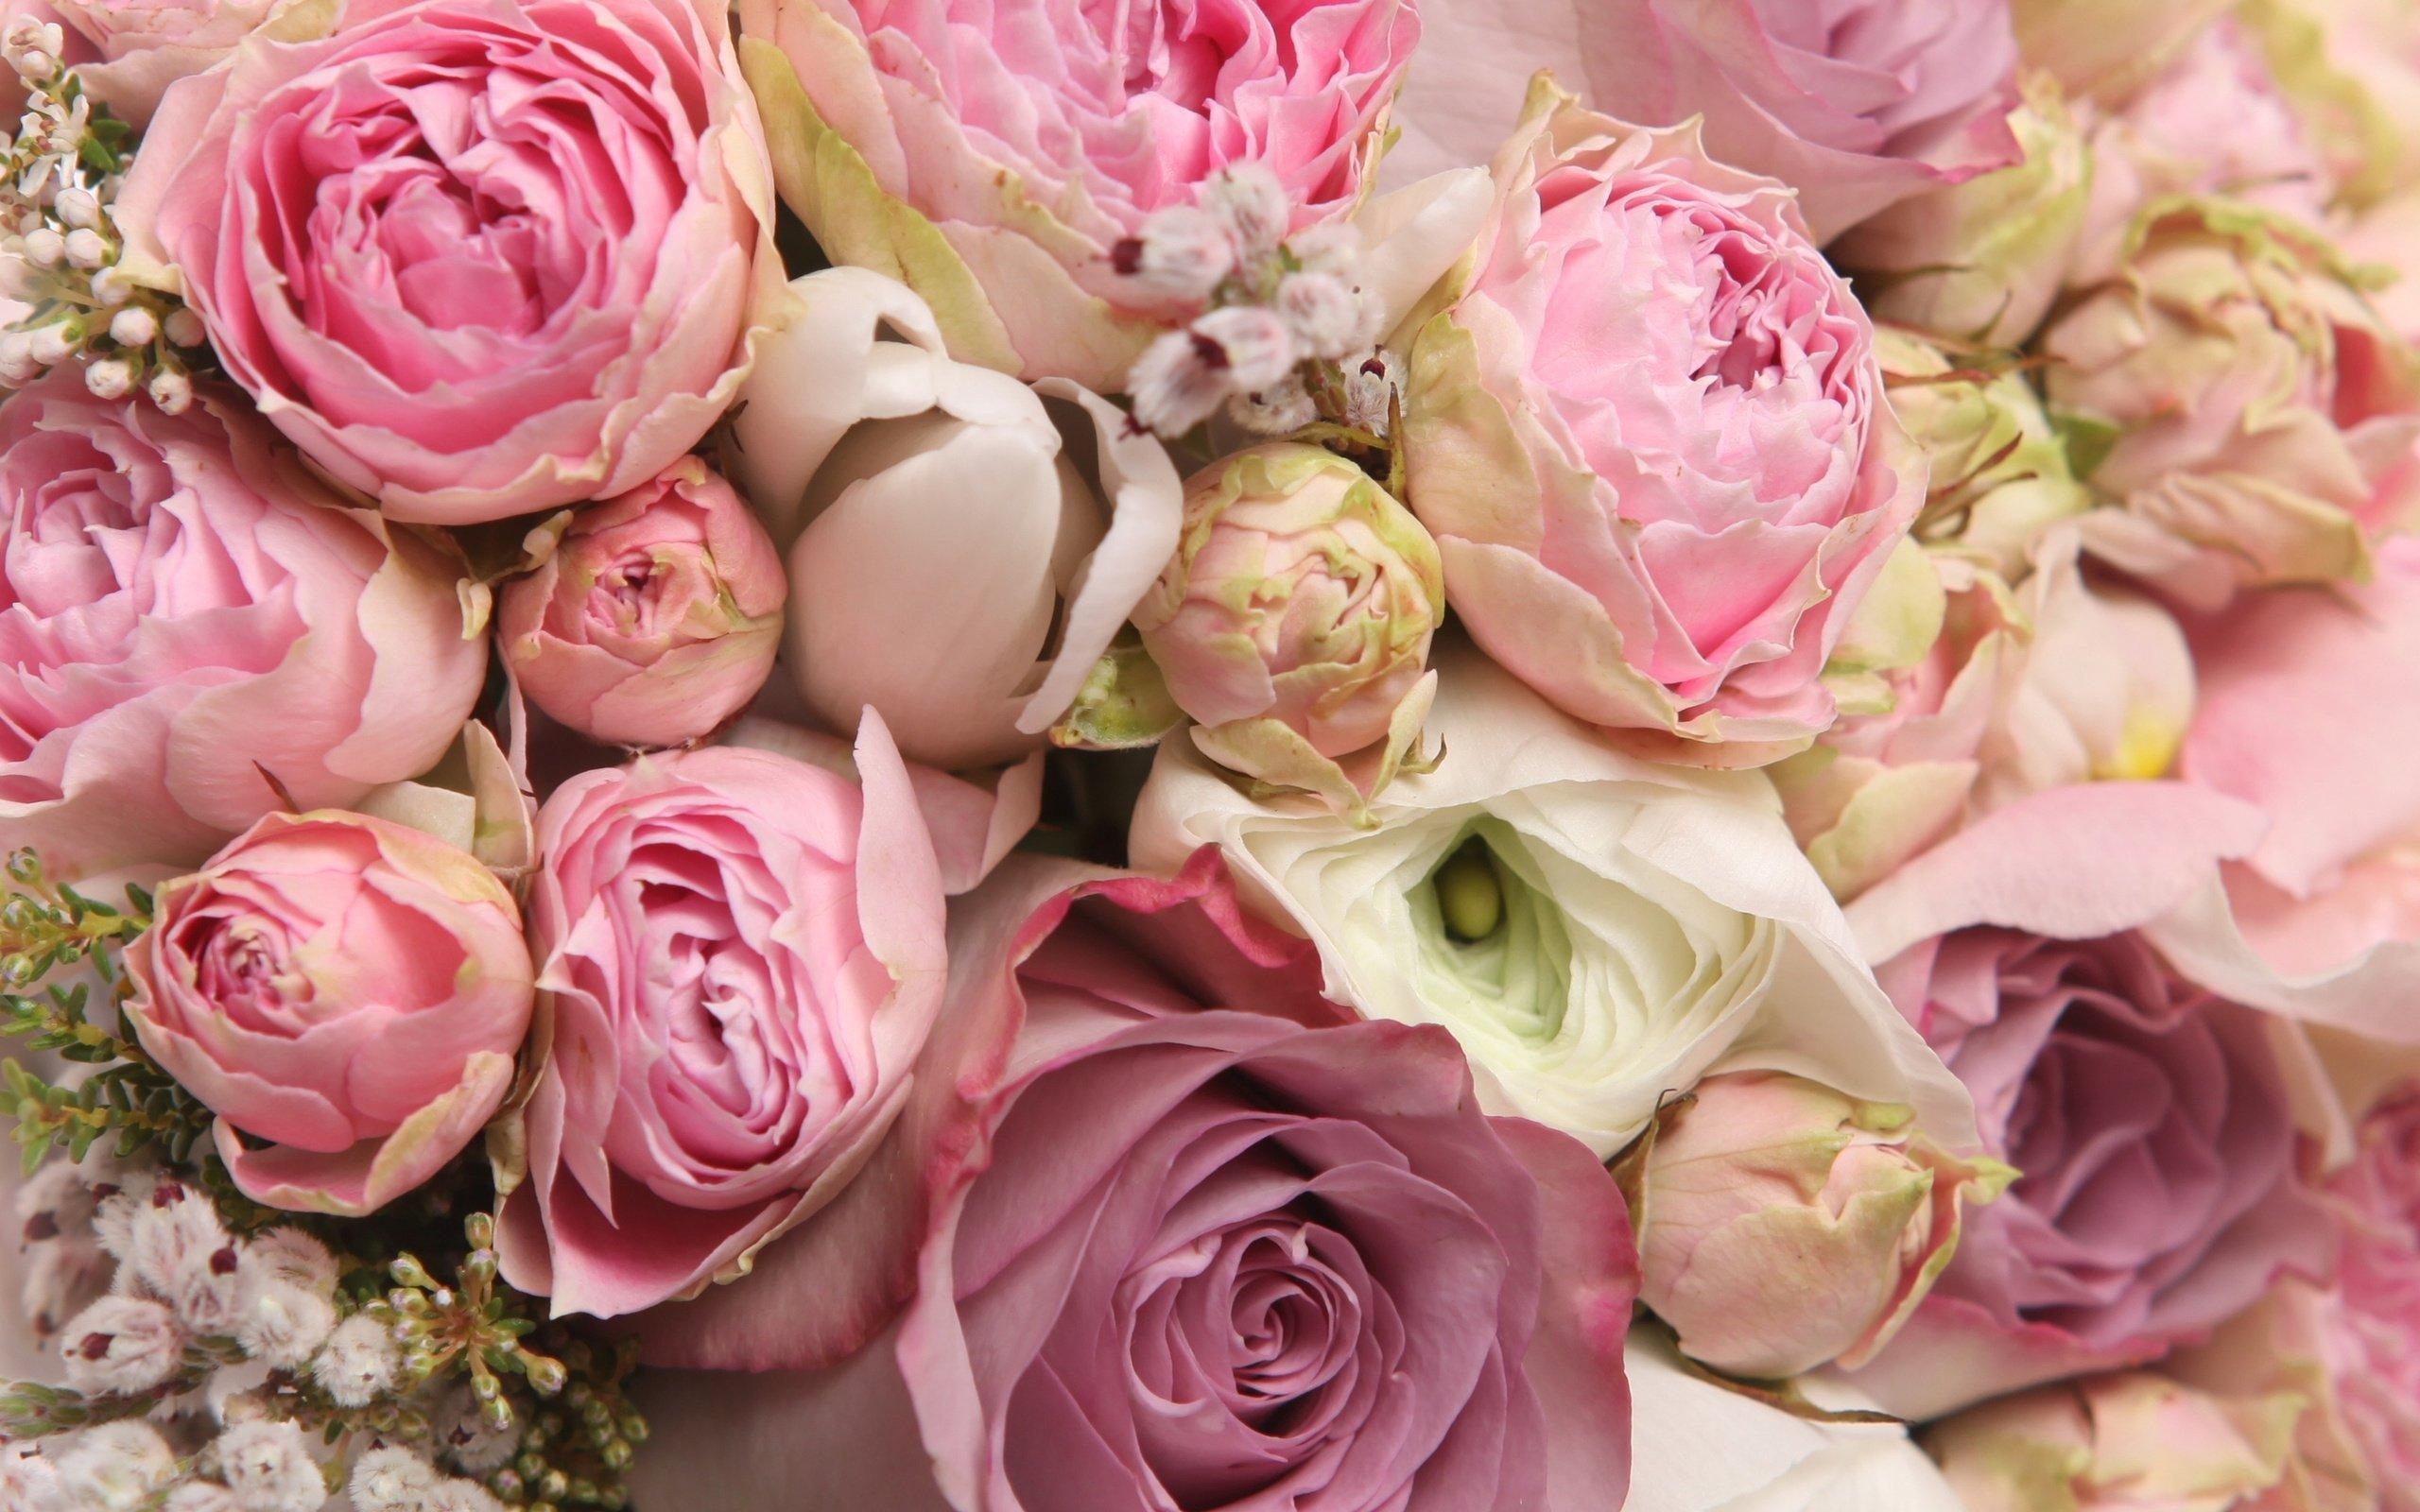 сексуальная барышня нежные цветы фото большие лучше